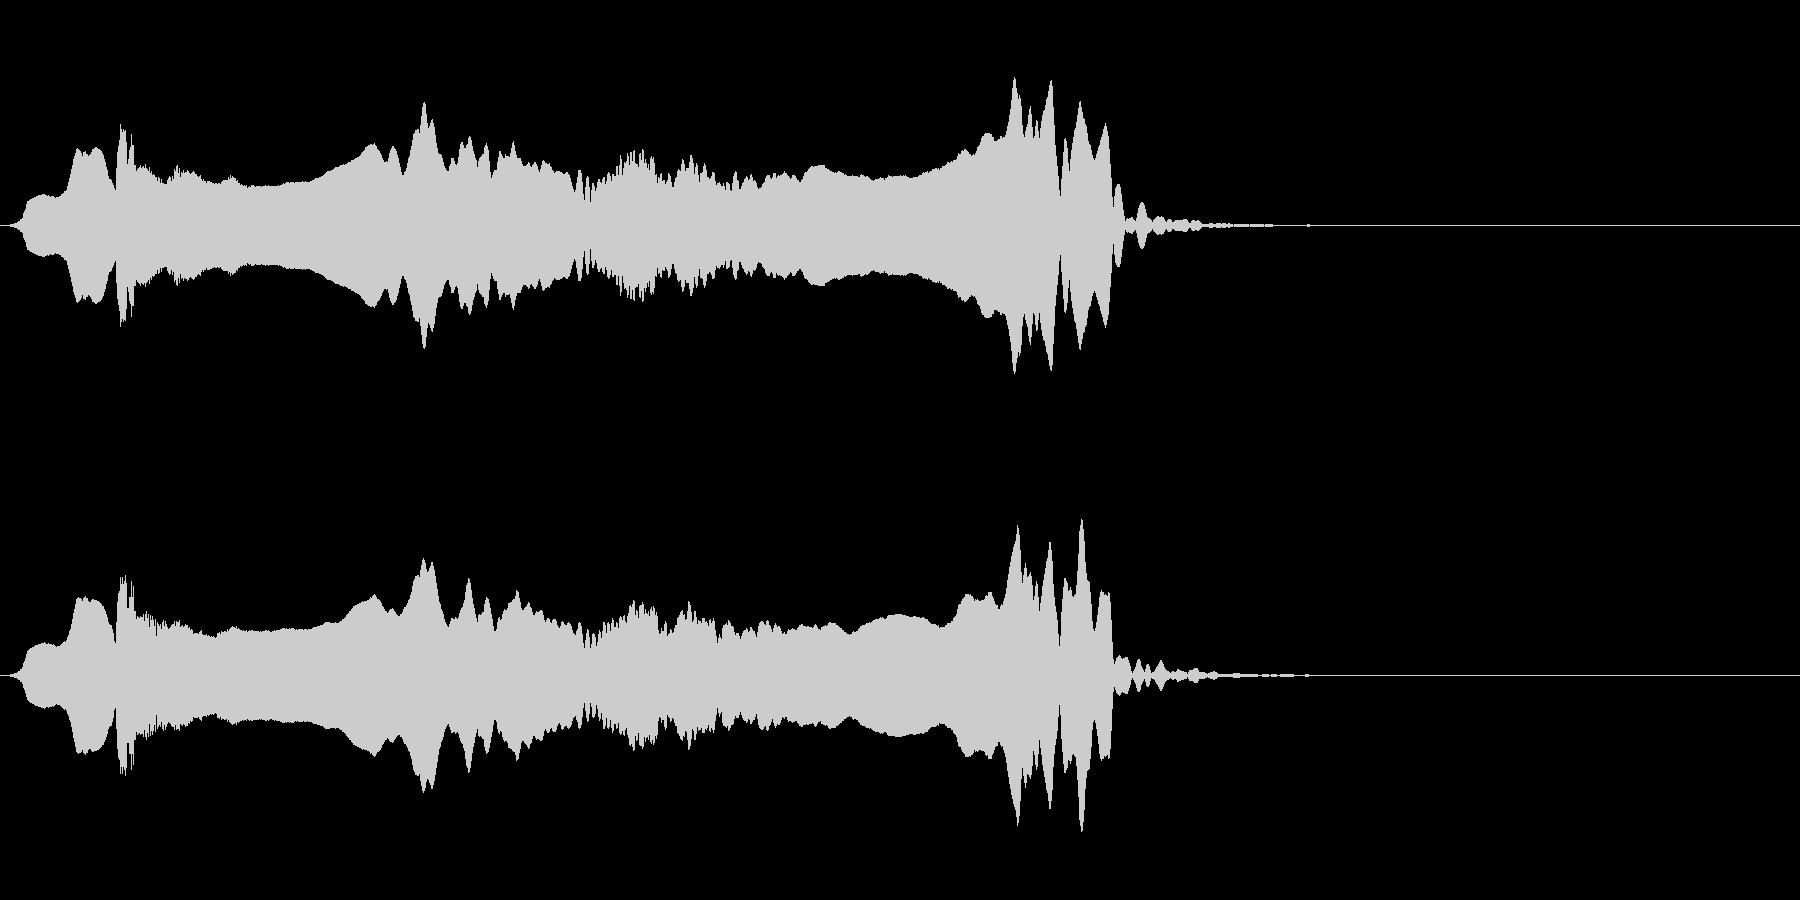 尺八 生演奏 古典風 残響音有 #15の未再生の波形